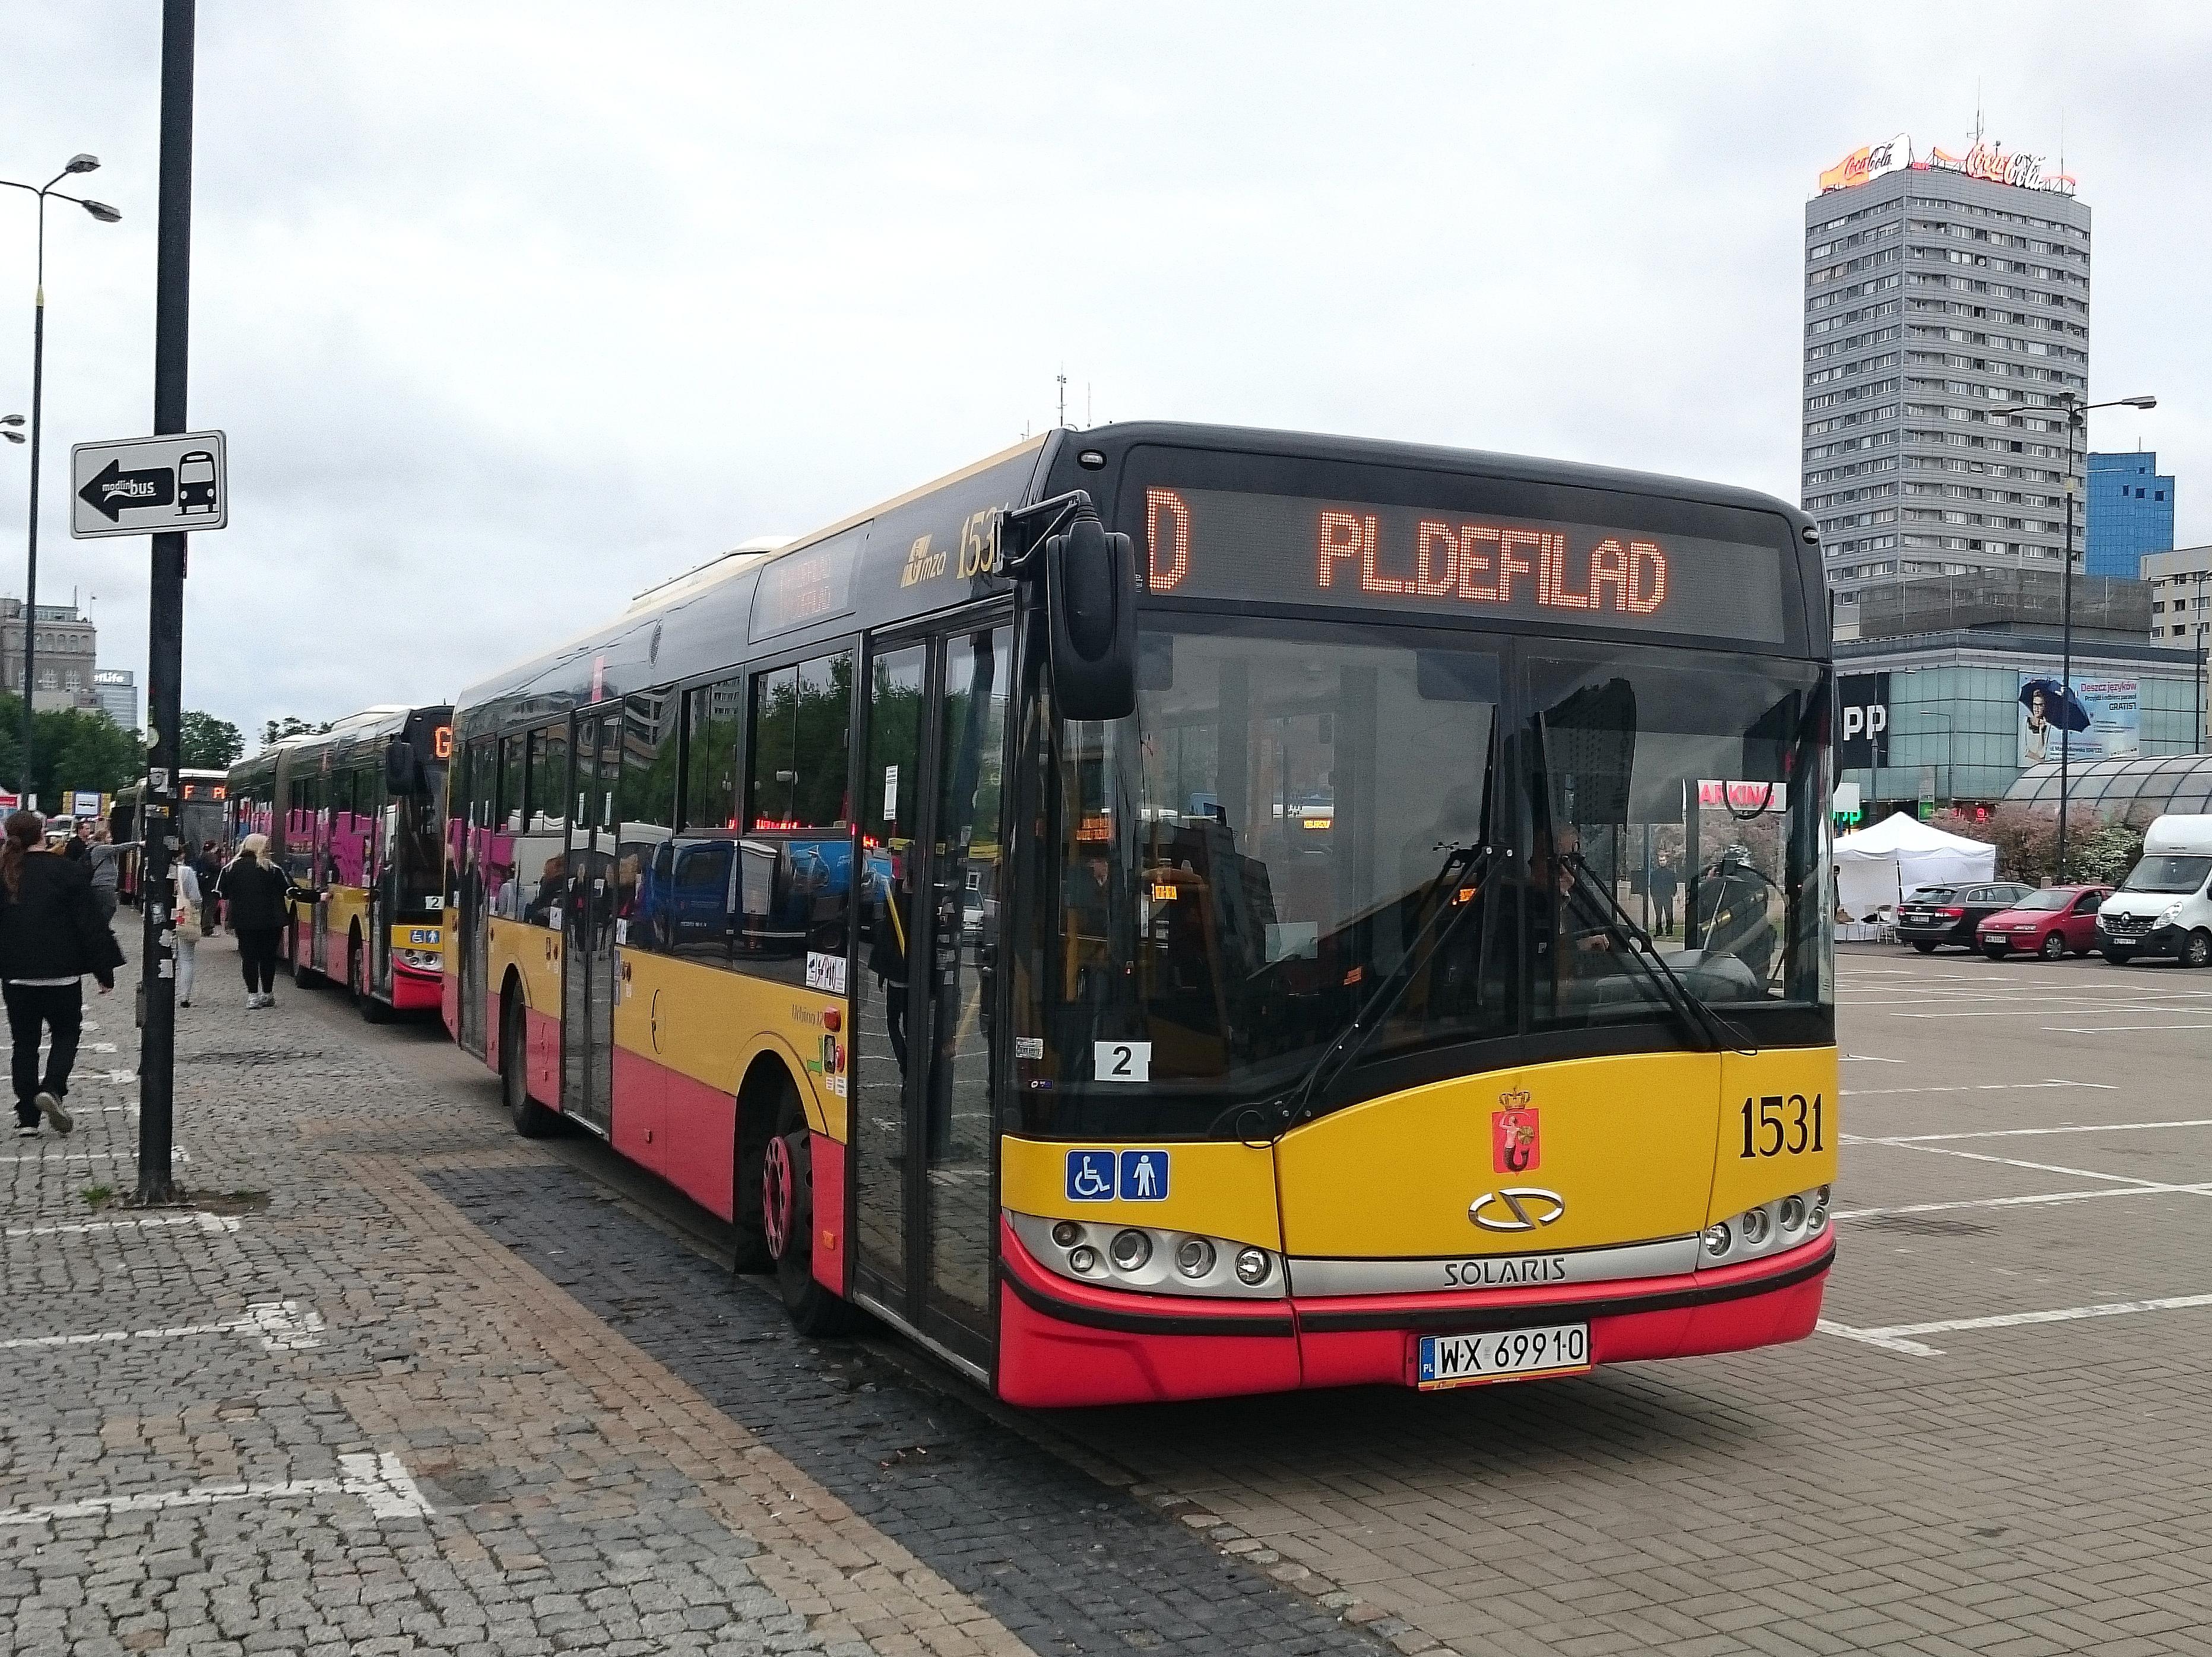 D (linia autobusowa)